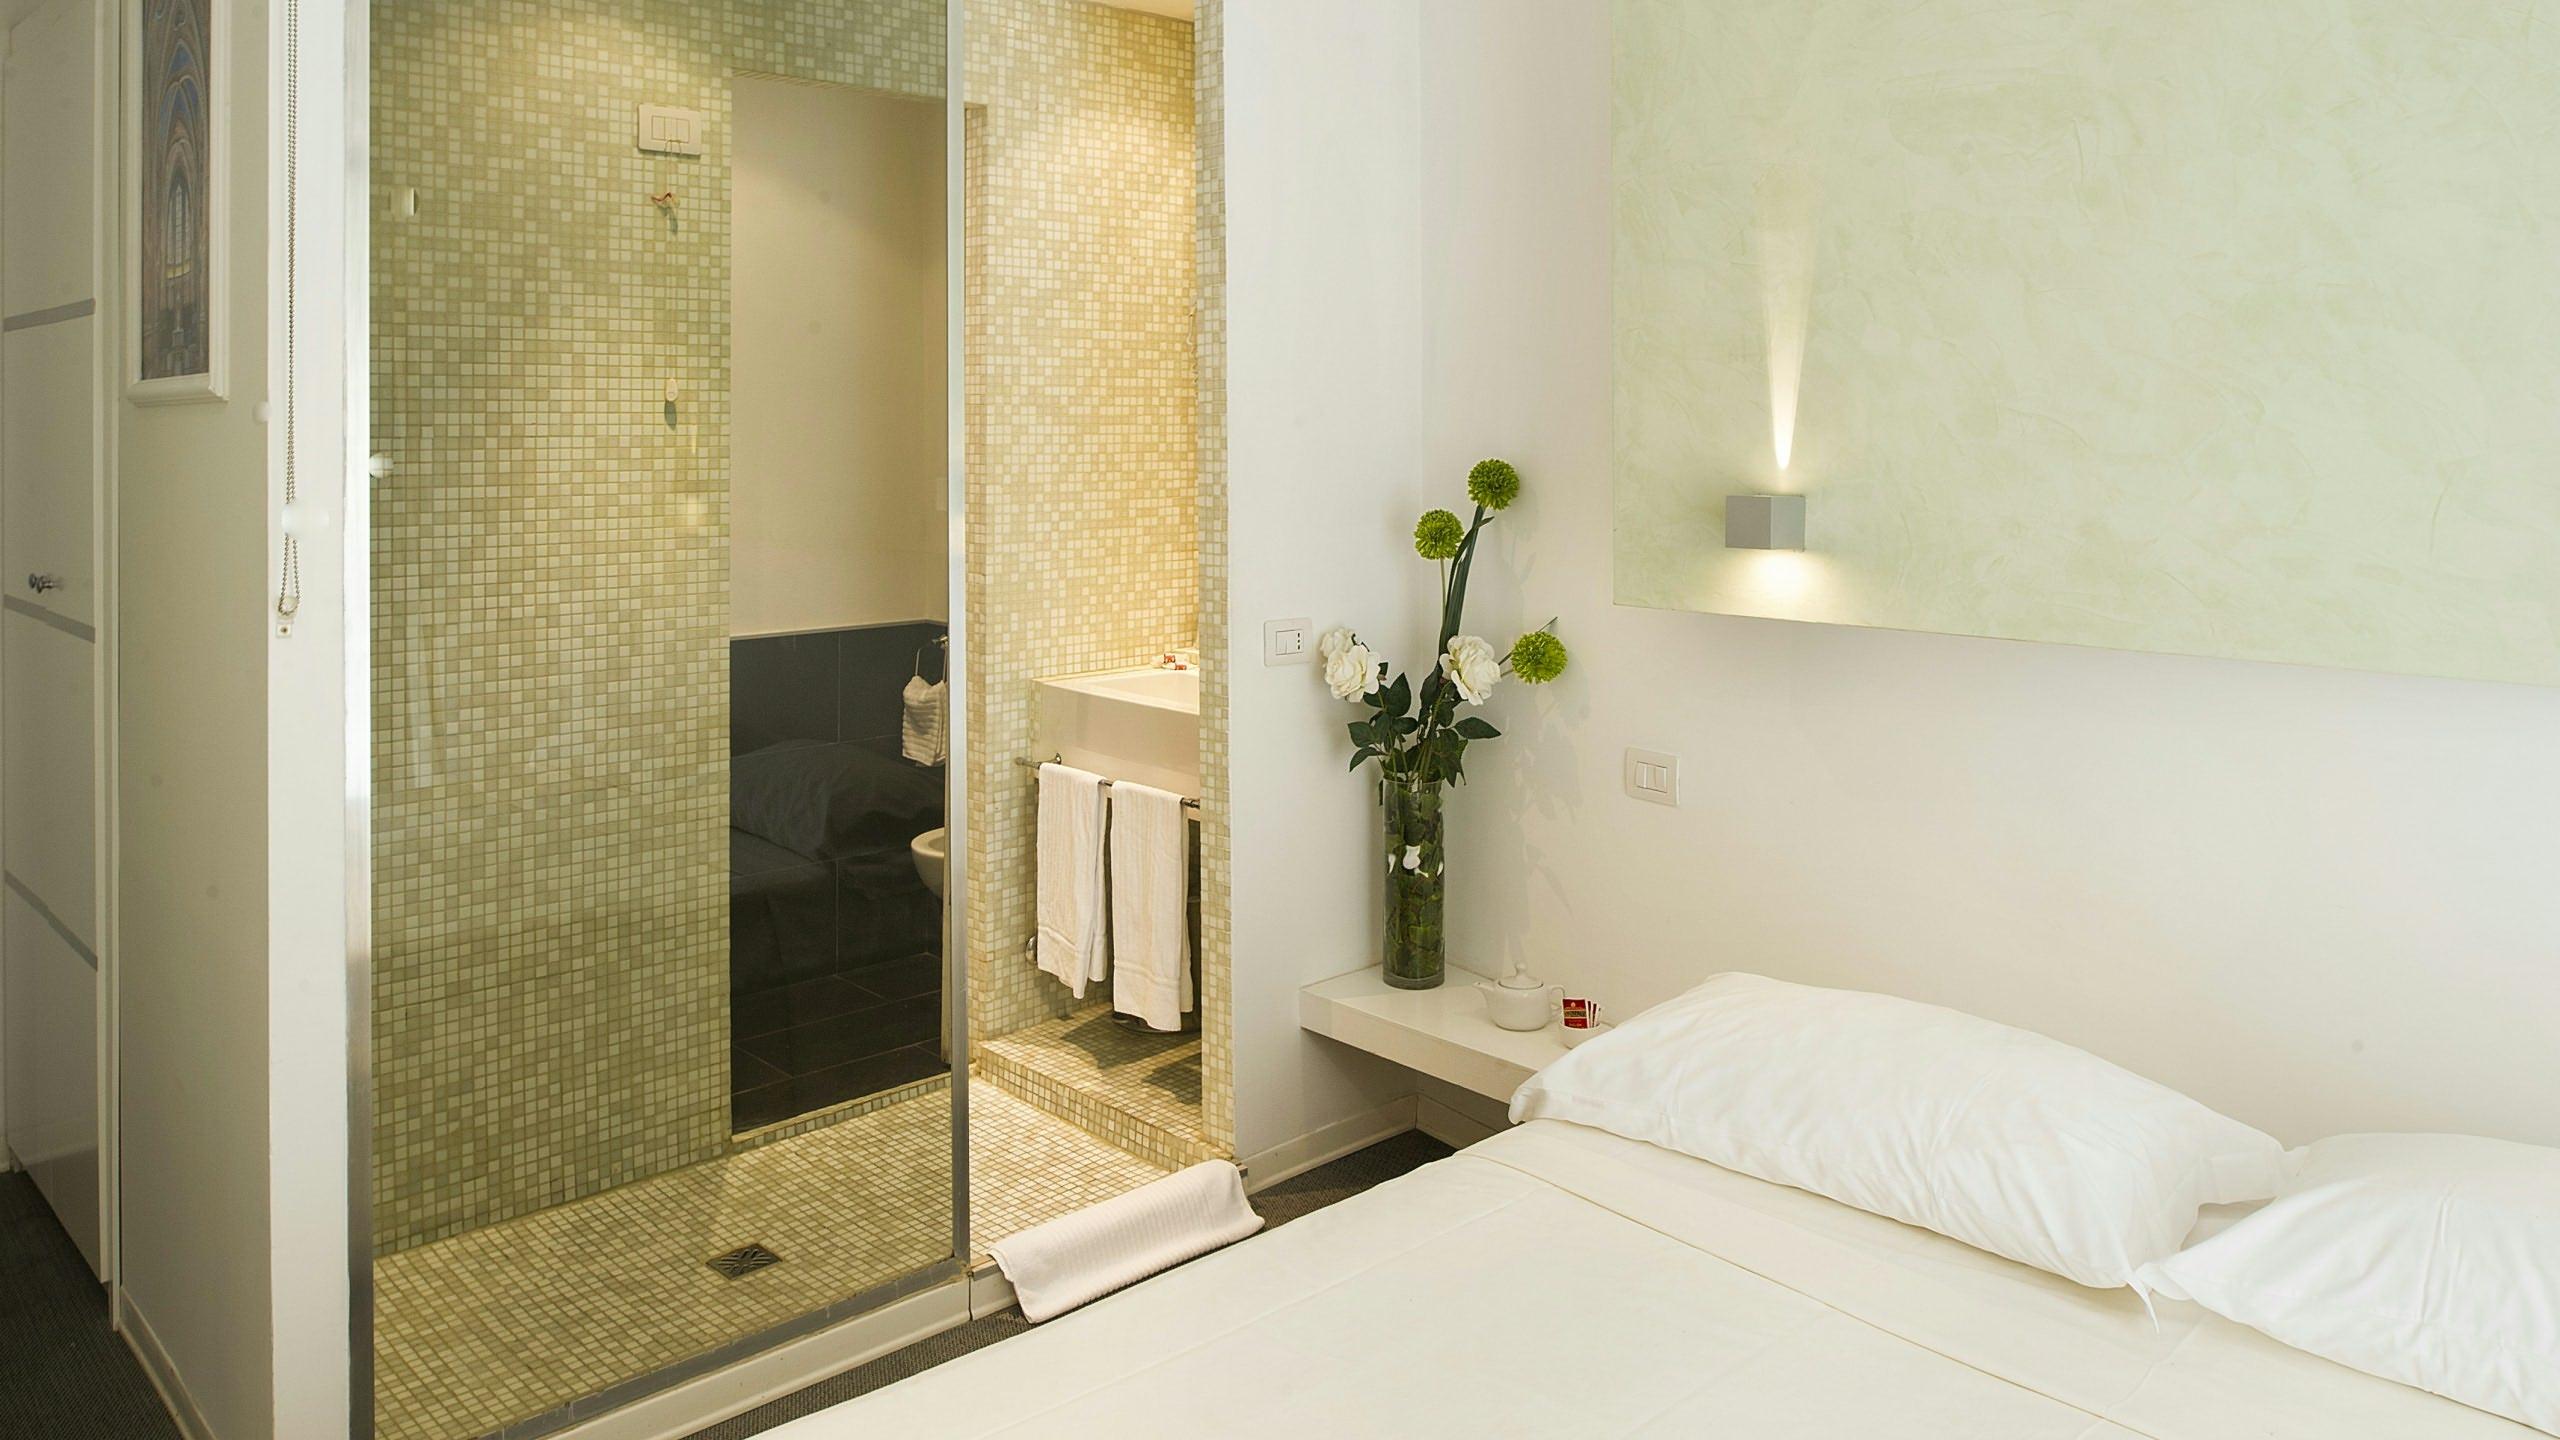 hotel-relais-san-pietro-roma-habitación-superior-06